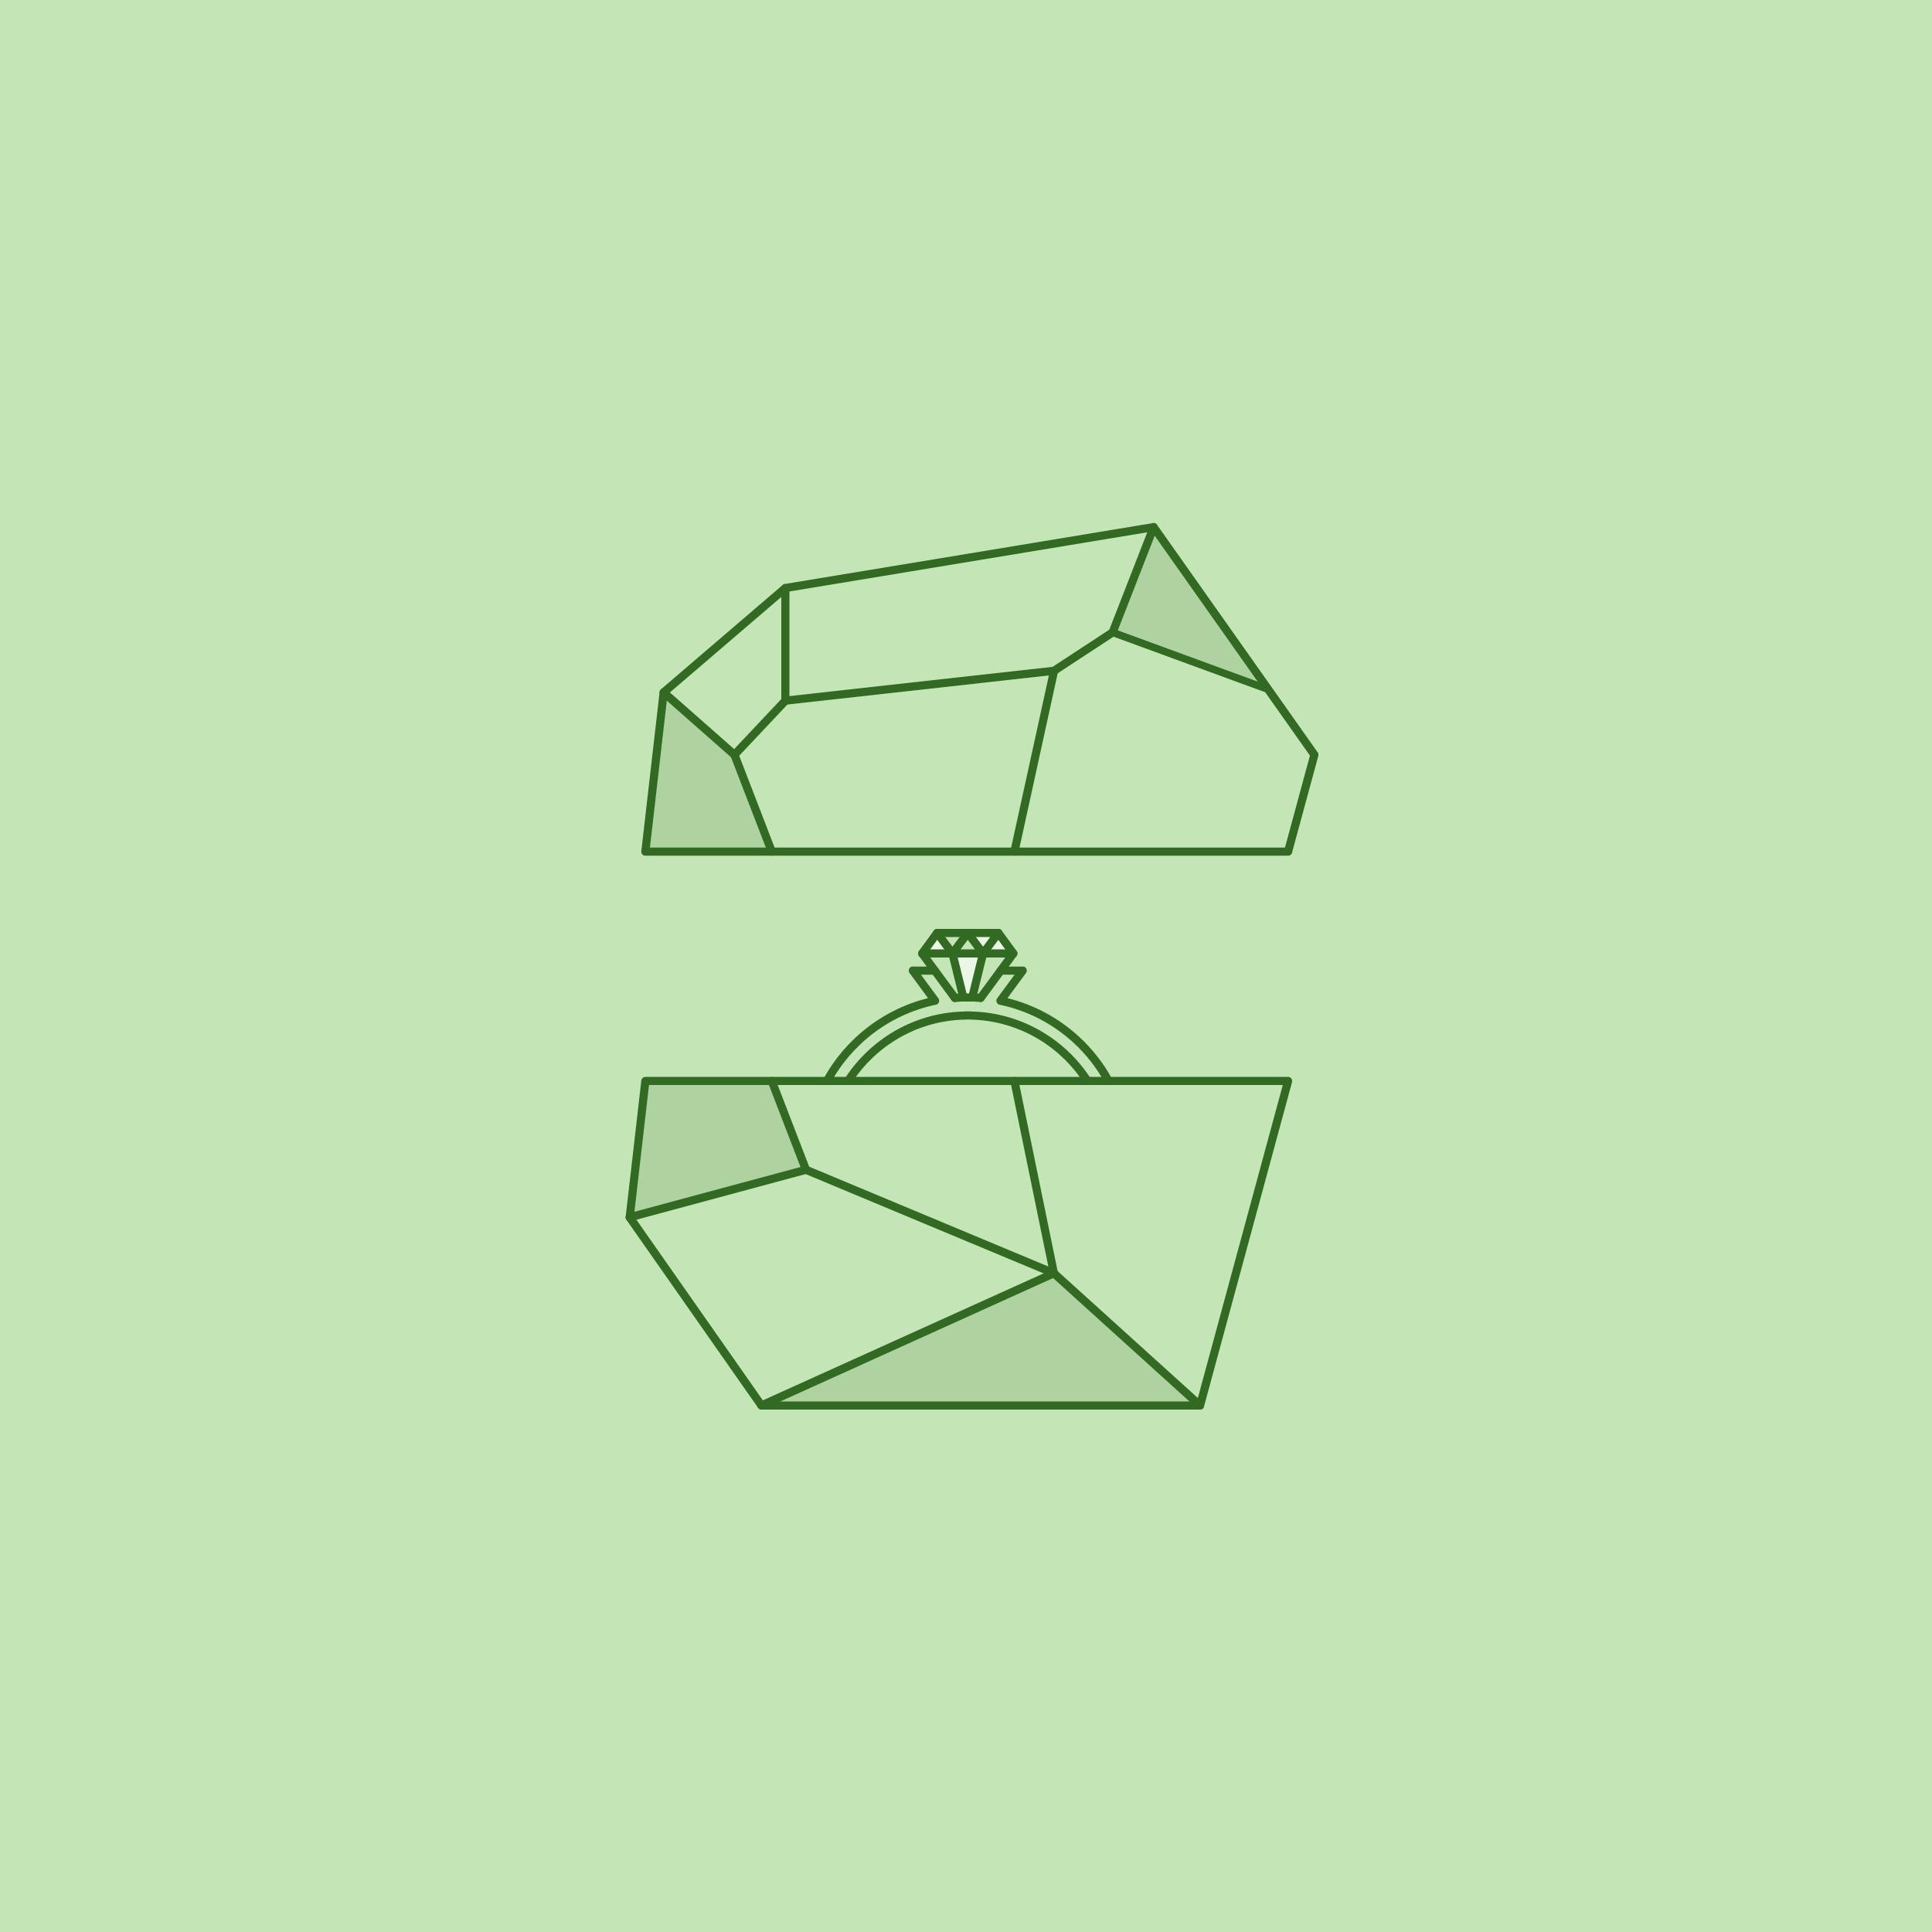 073-proposal-73